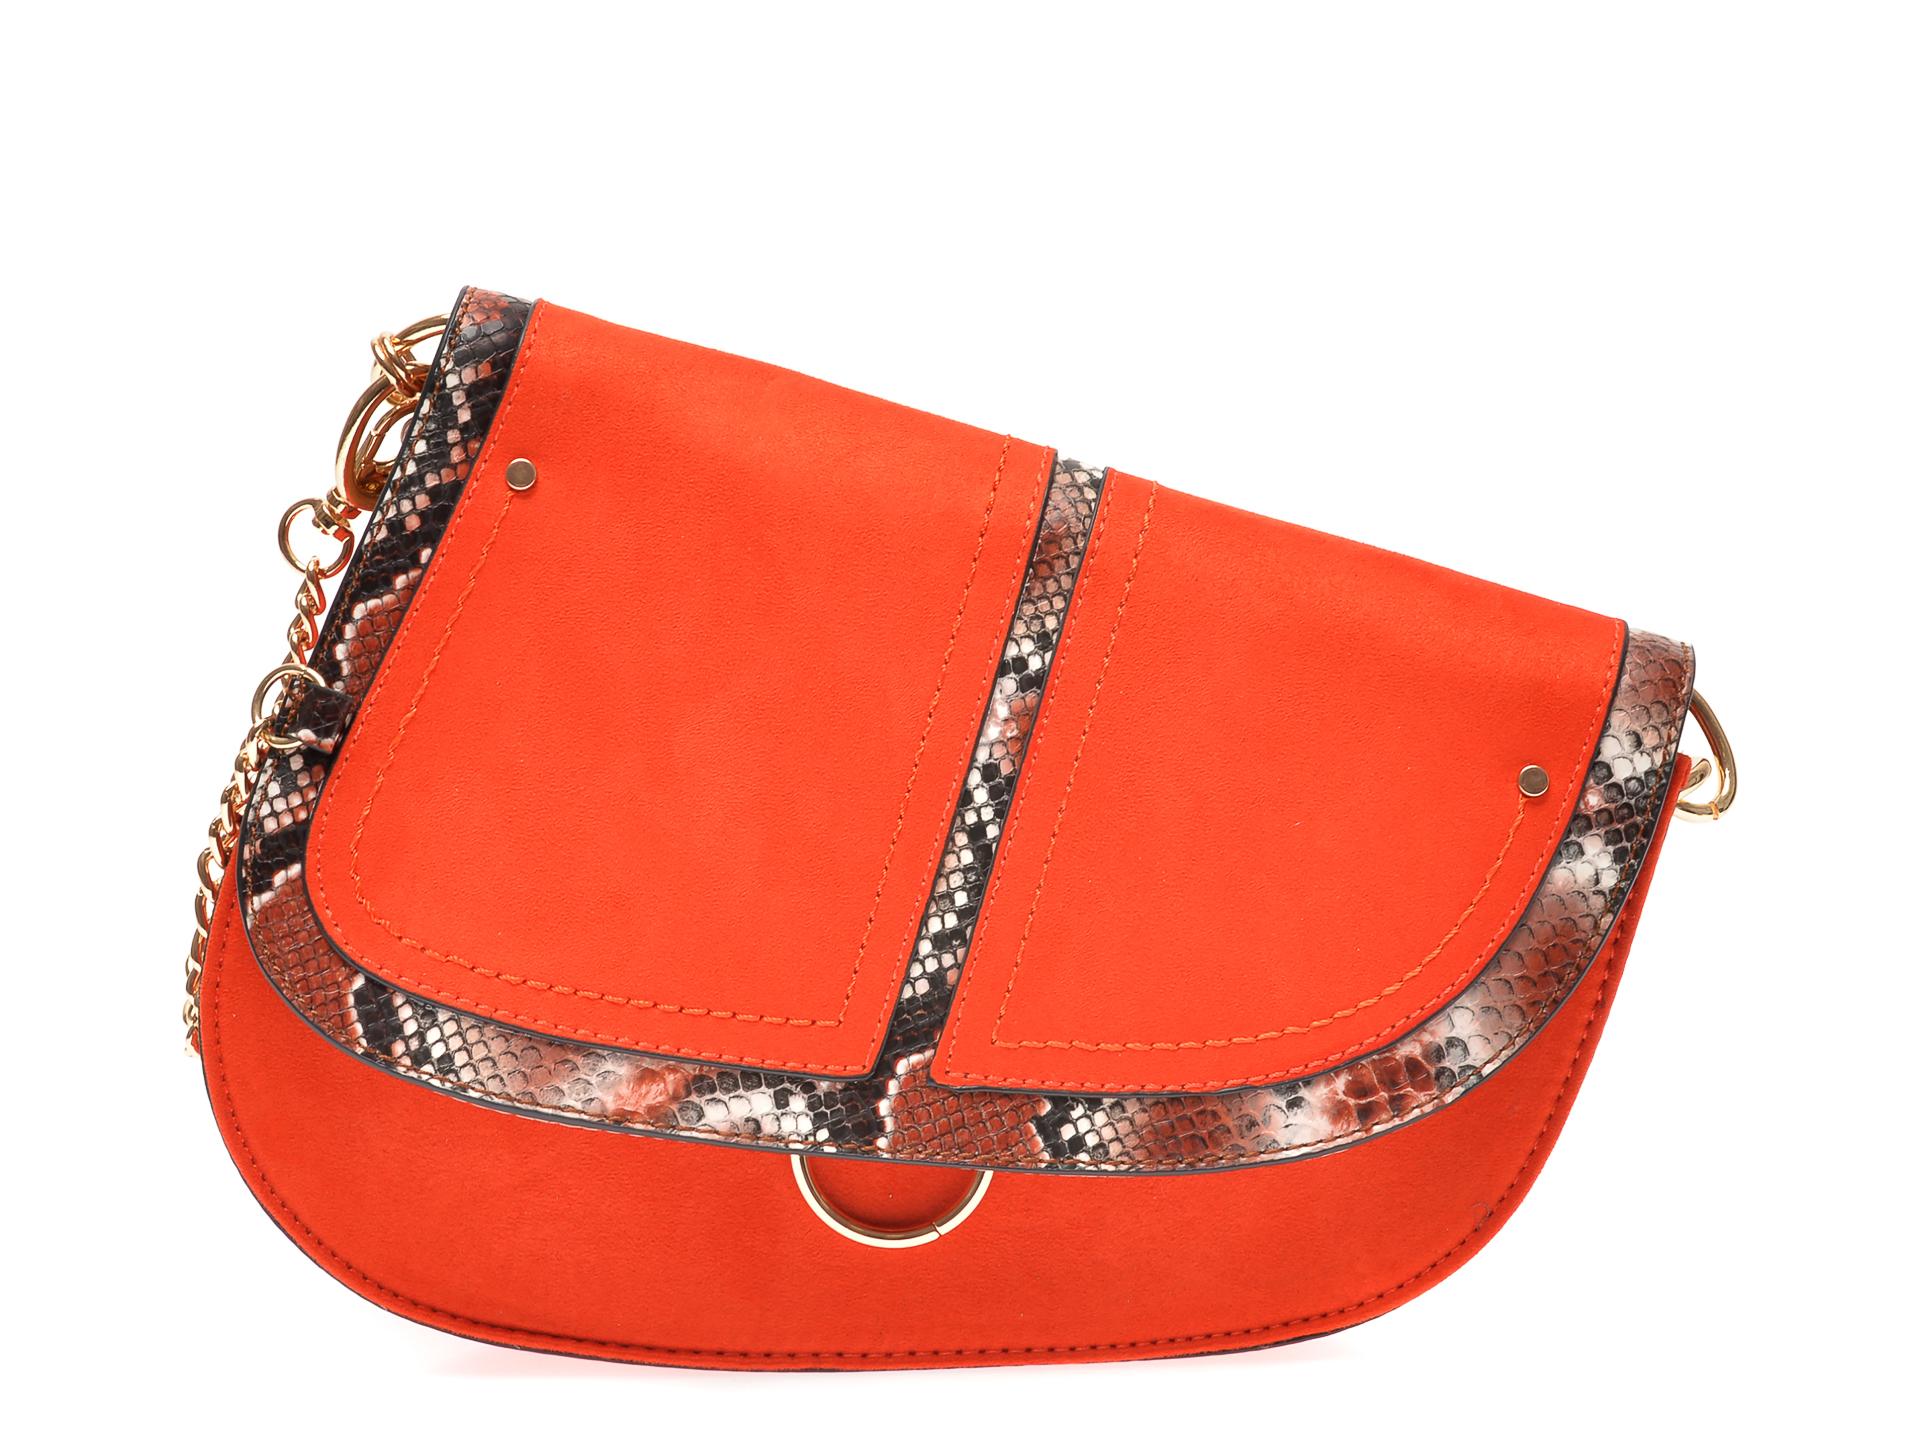 Poseta CALL IT SPRING portocalie, PHOE840, din piele ecologica imagine